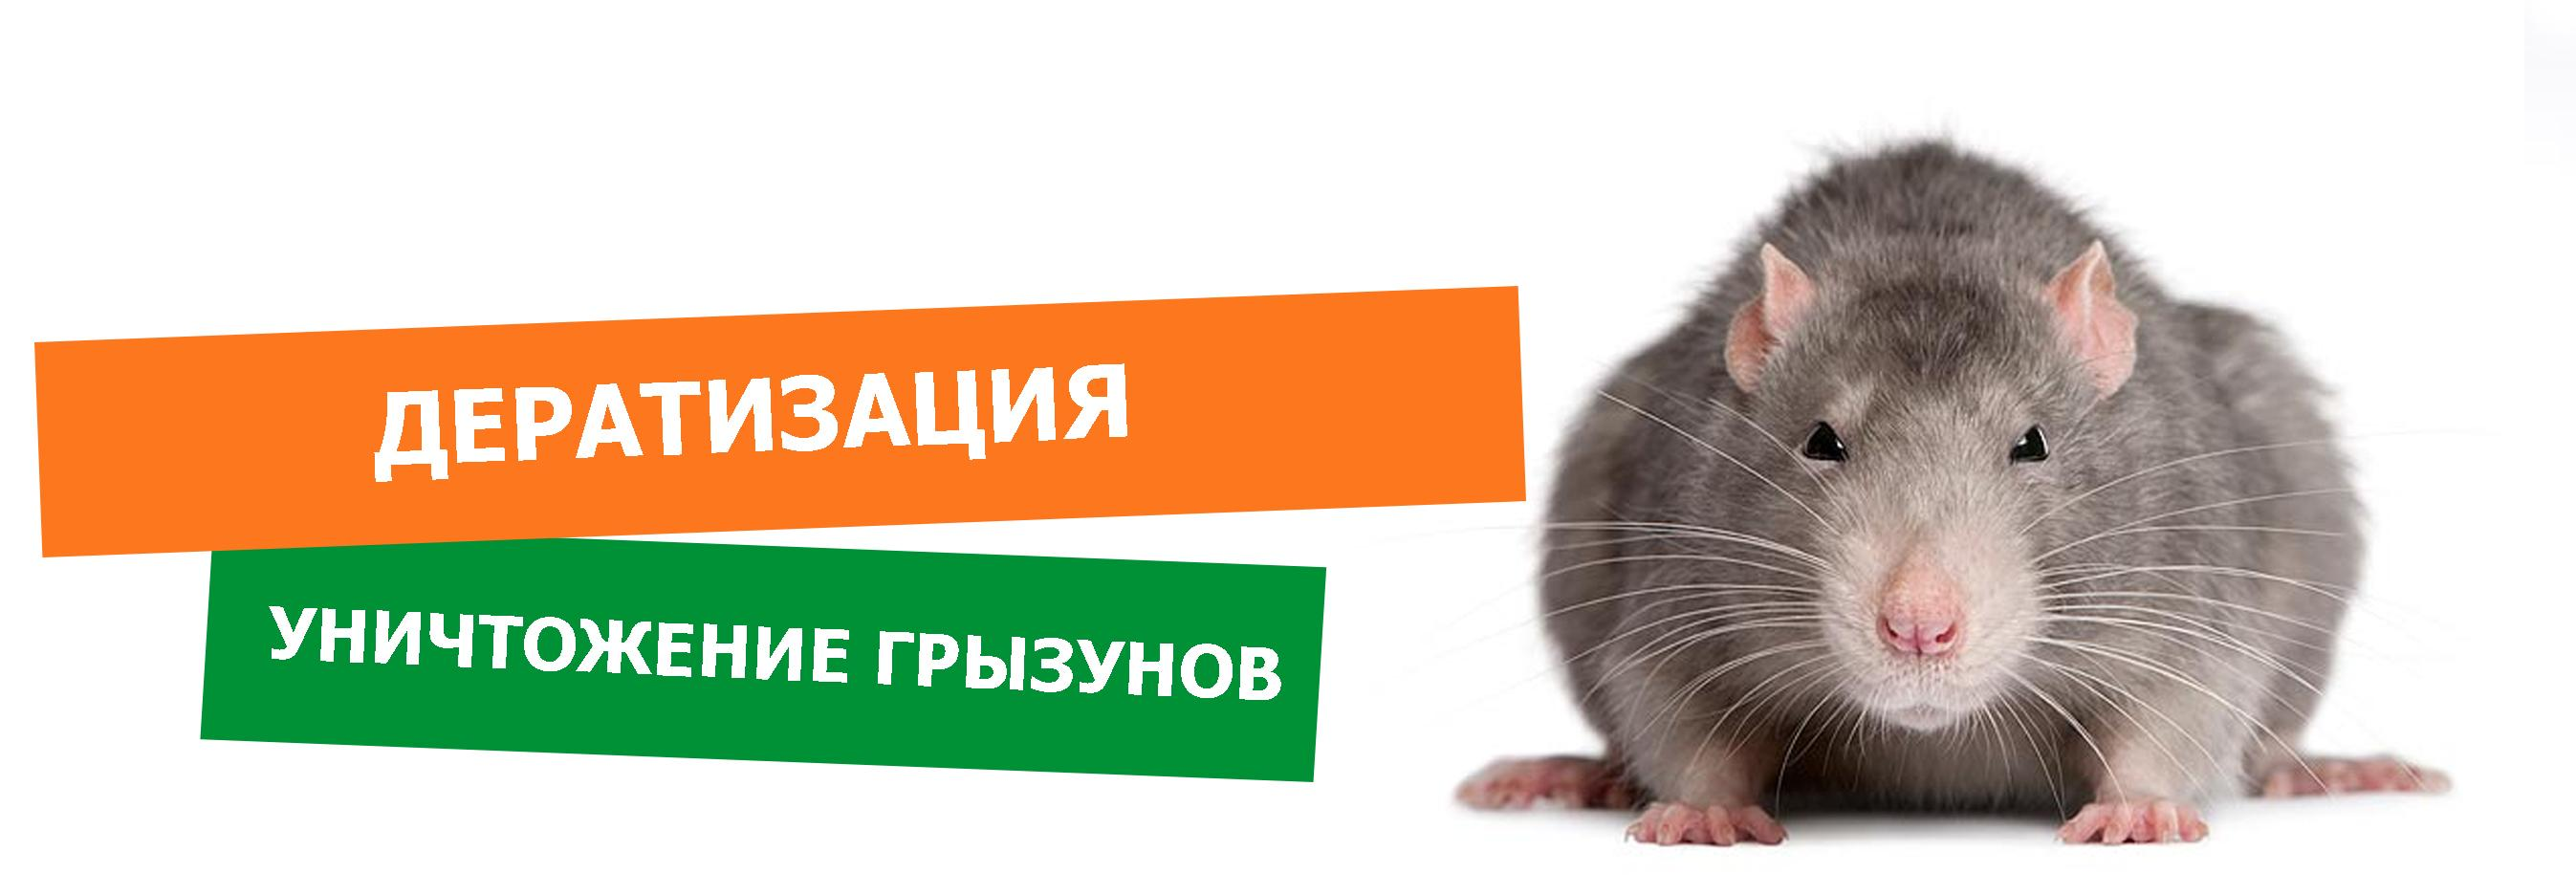 дератизации от крыс